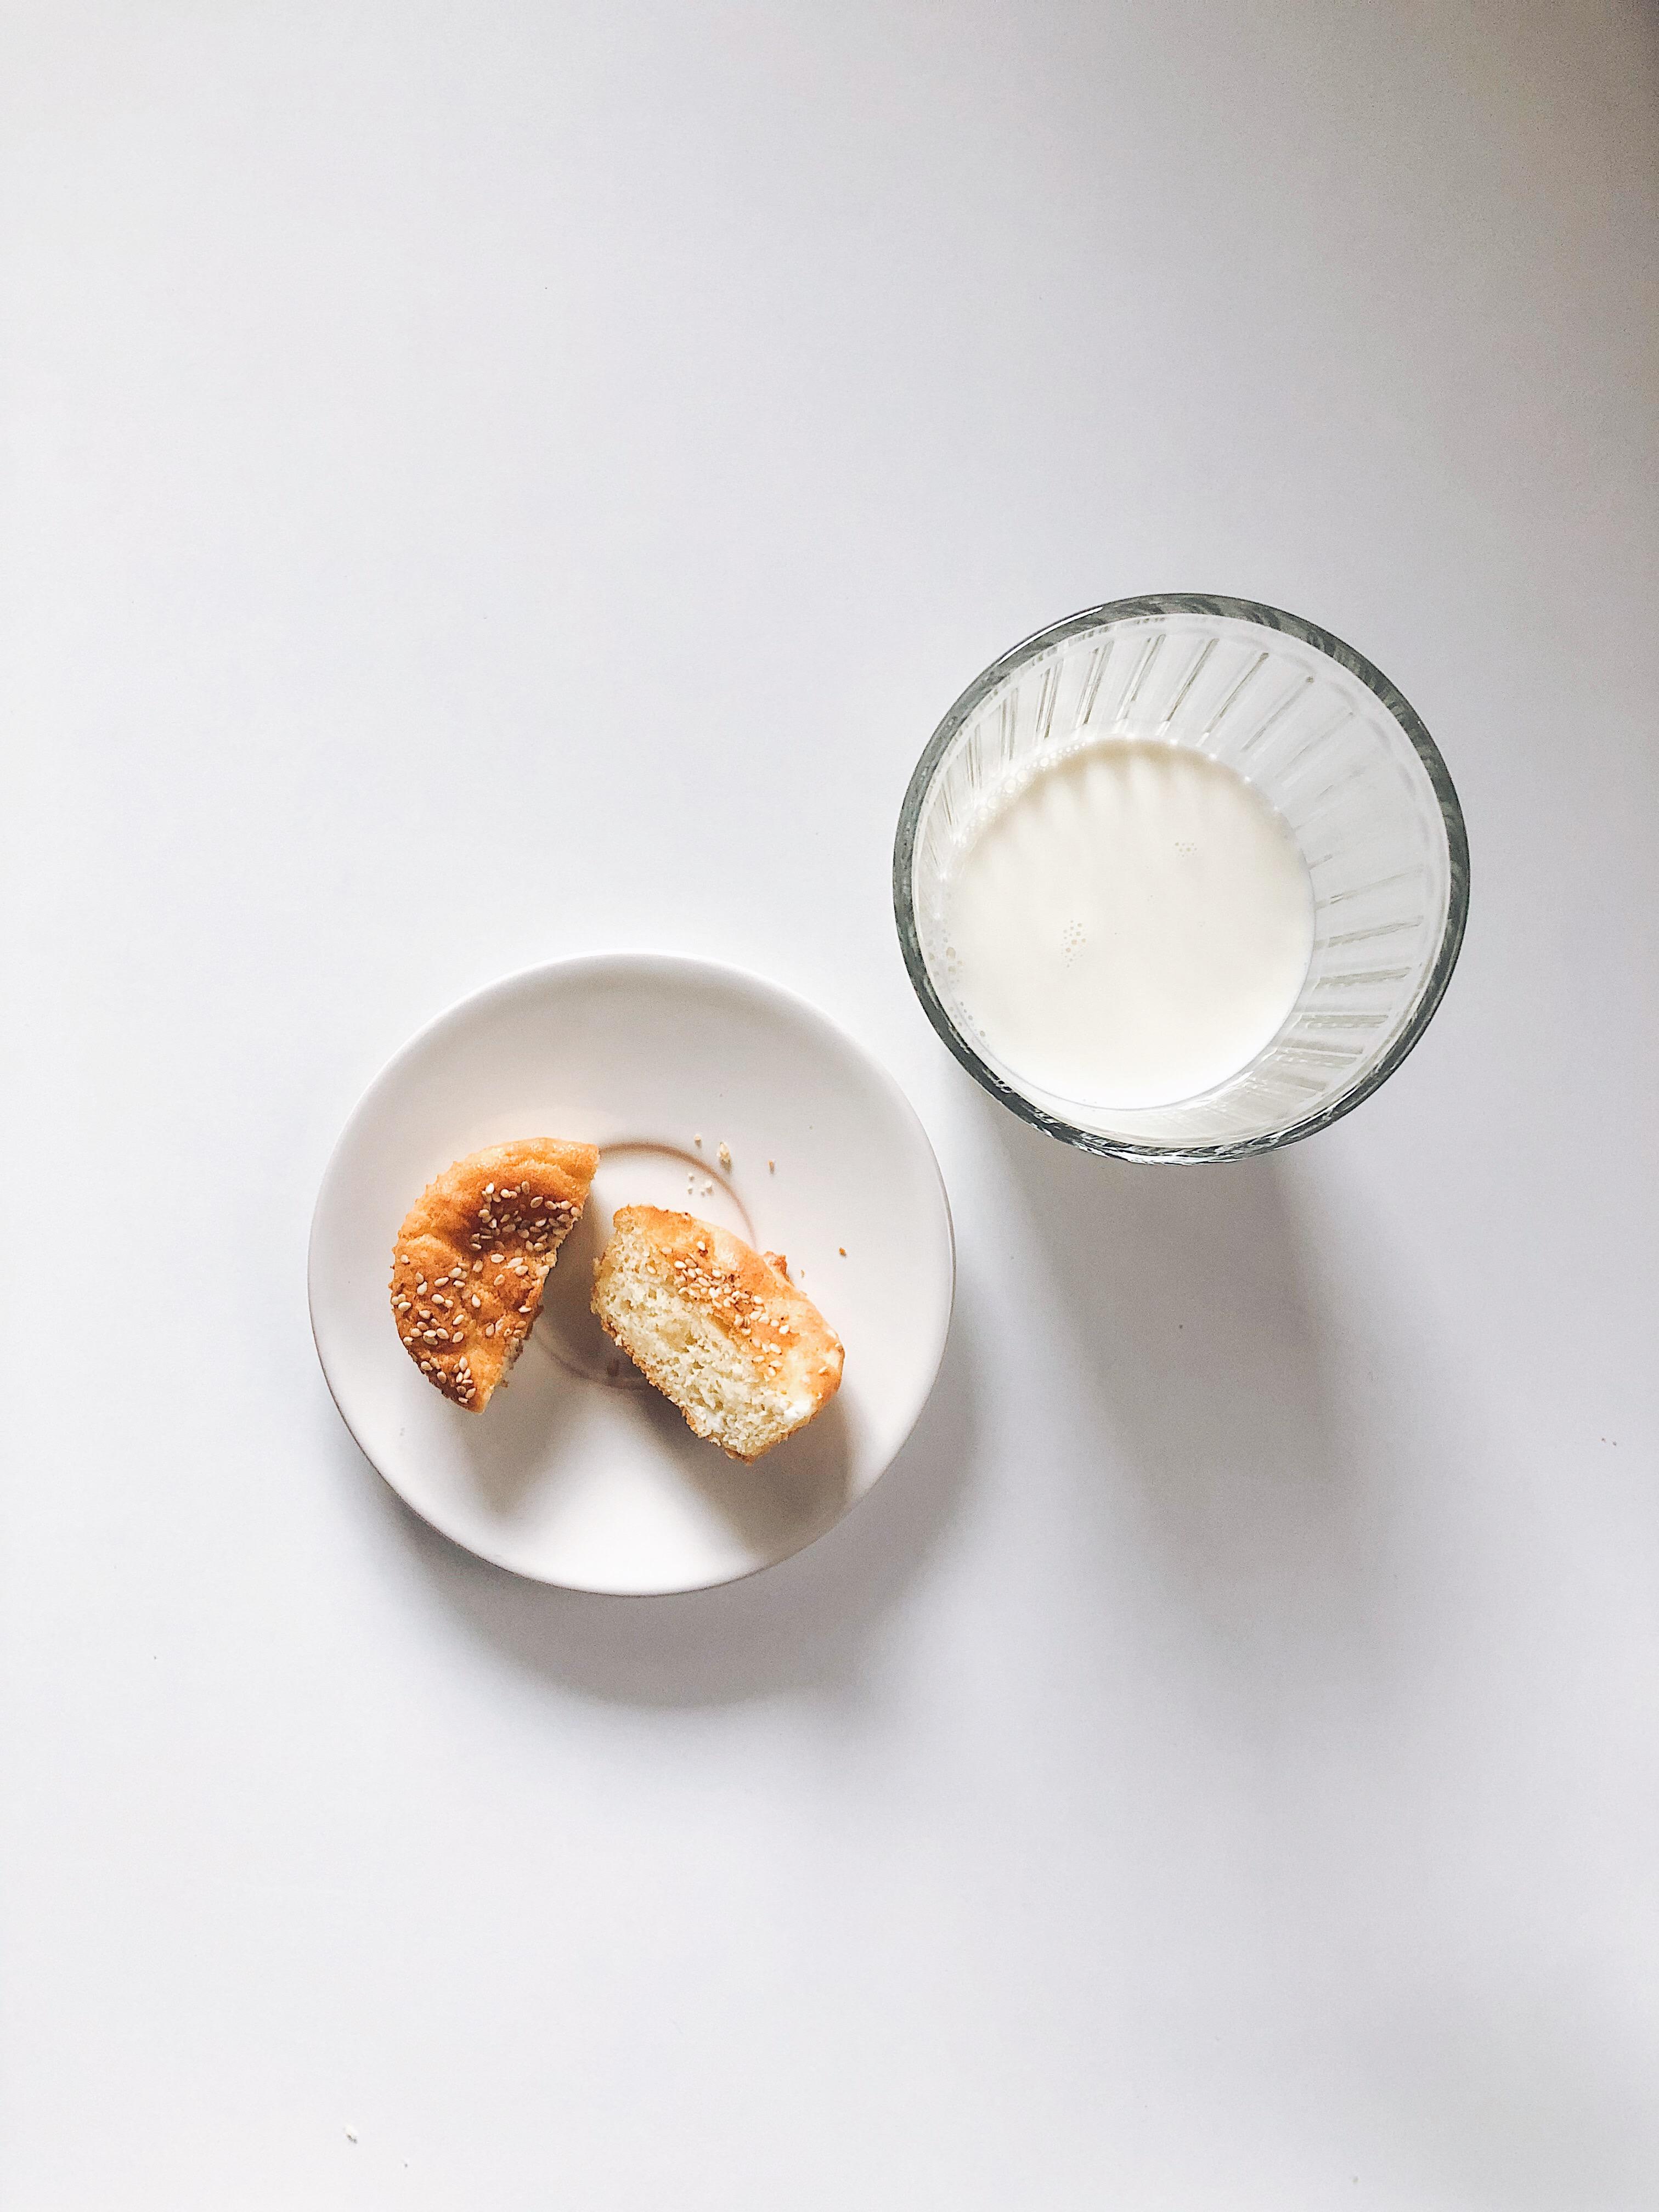 keto projice za doručak